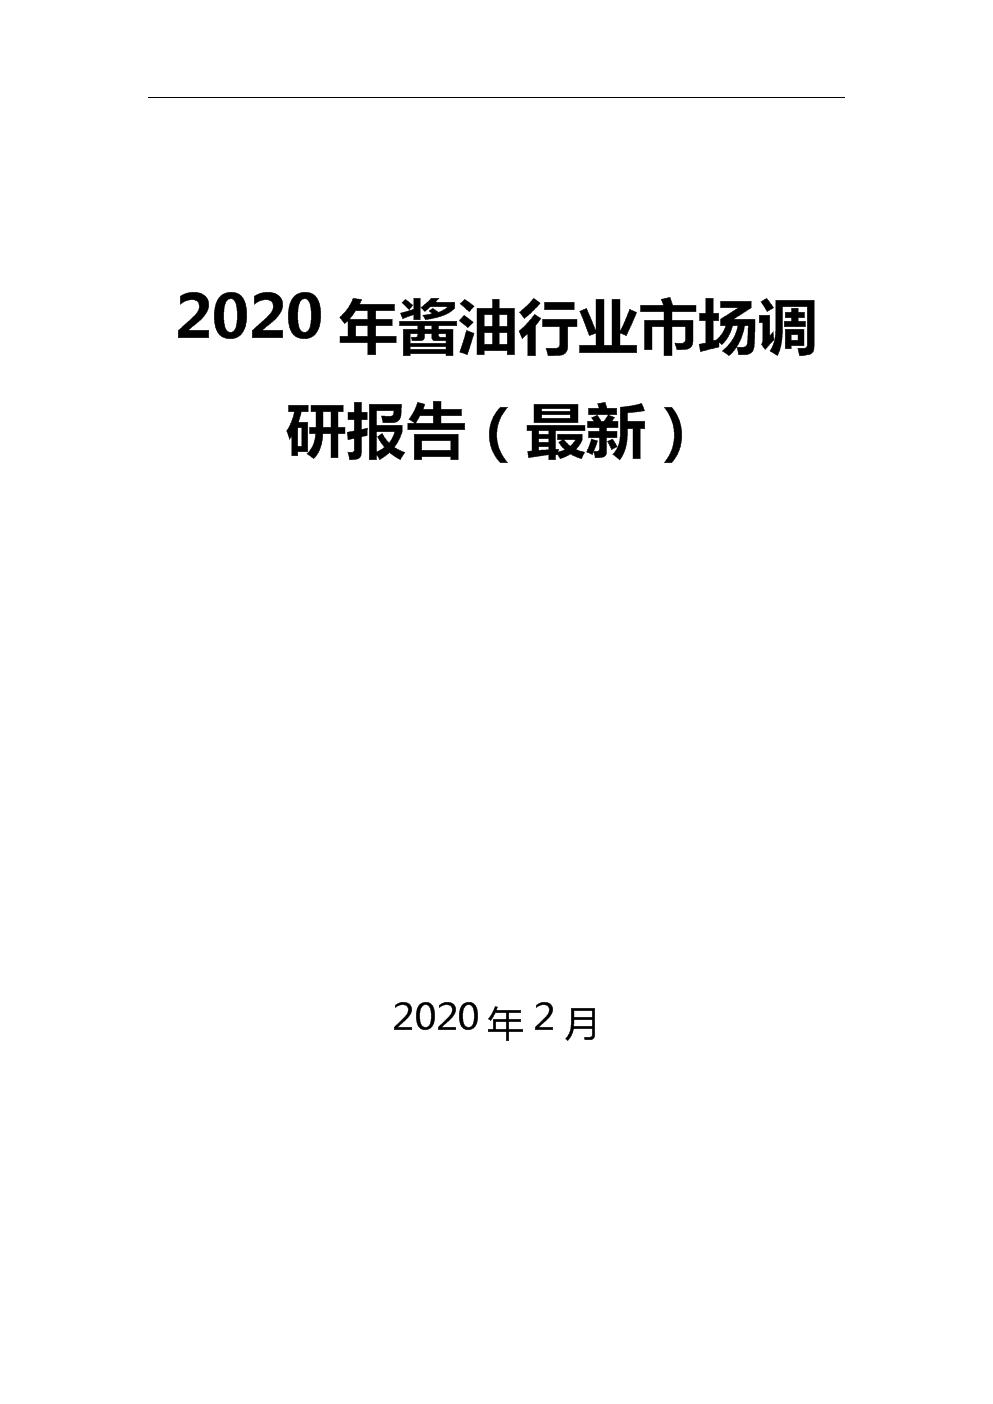 2020年酱油行业市场调研报告(最新).docx